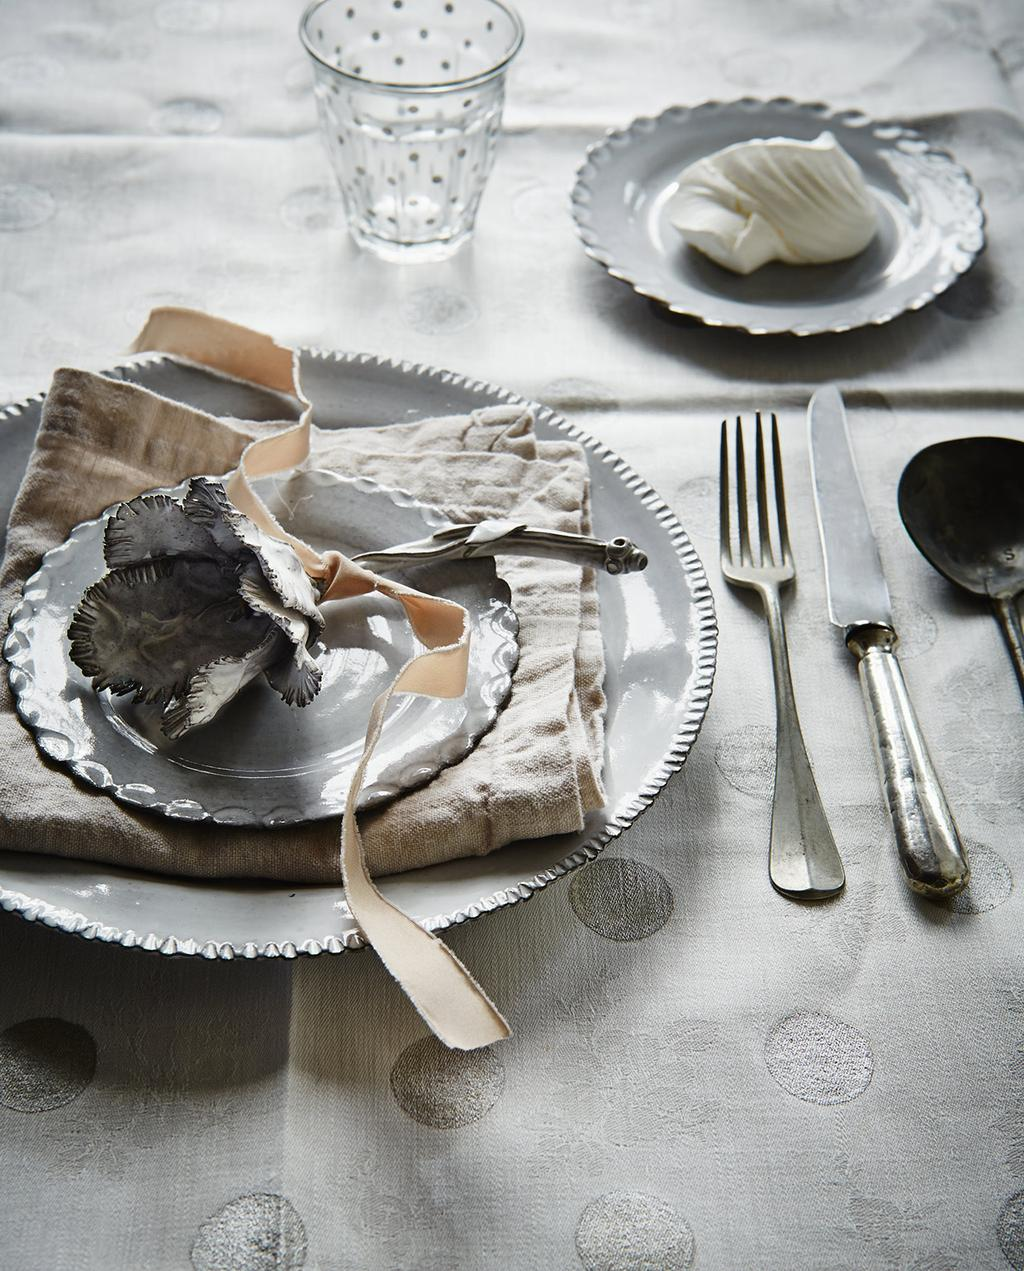 vtwonen 12-2013 | opgemaakt feestelijk bord met aardetinten pasen